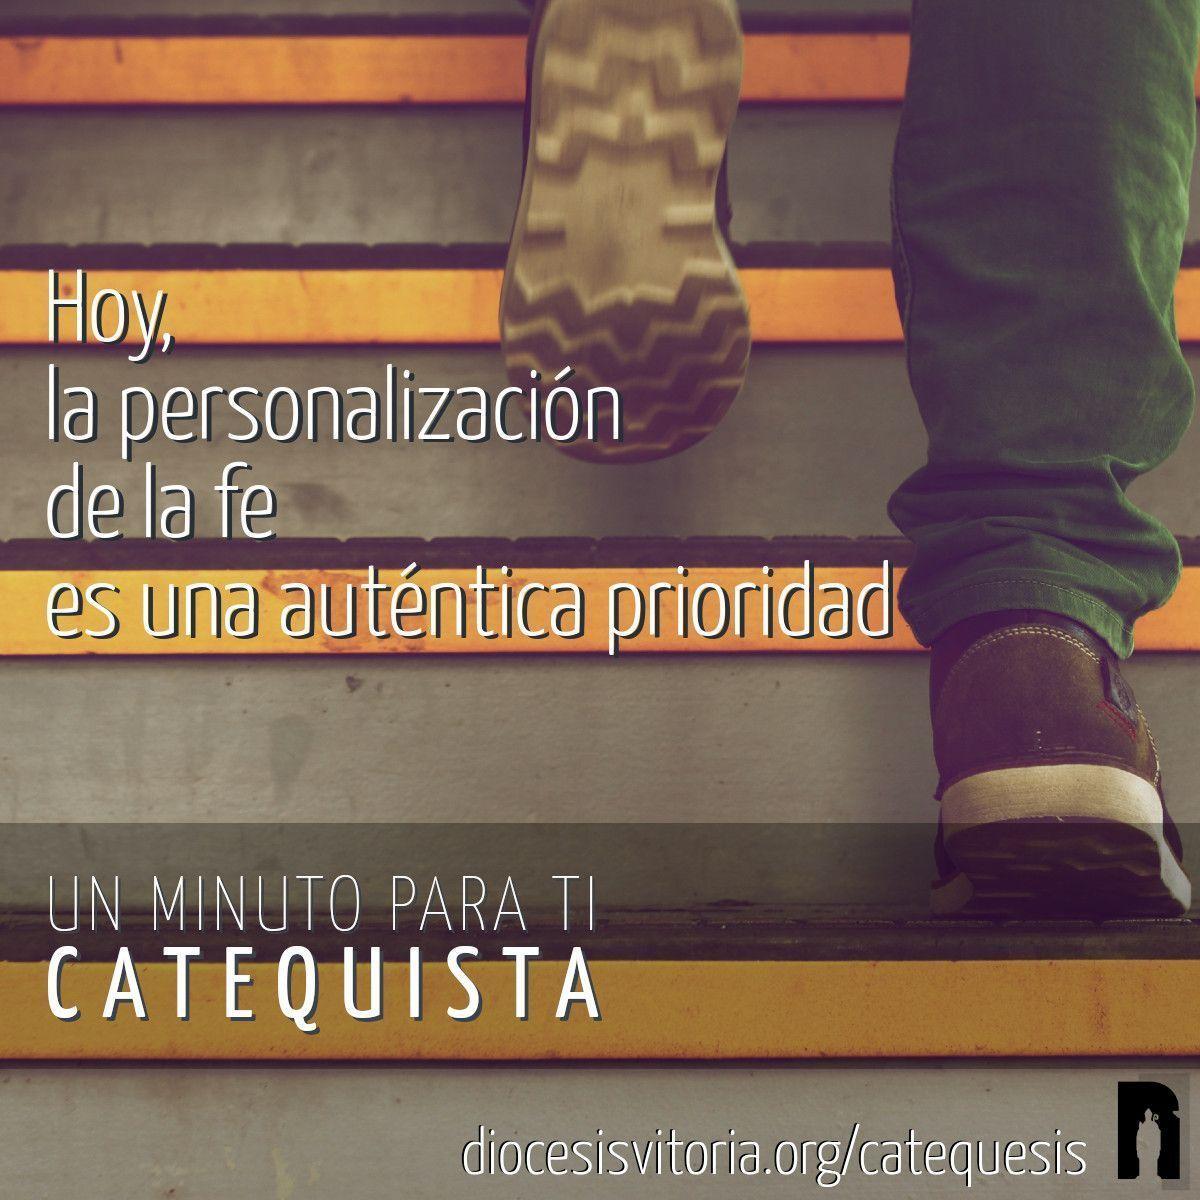 Hoy, la personalización de la fe es una auténtica prioridad